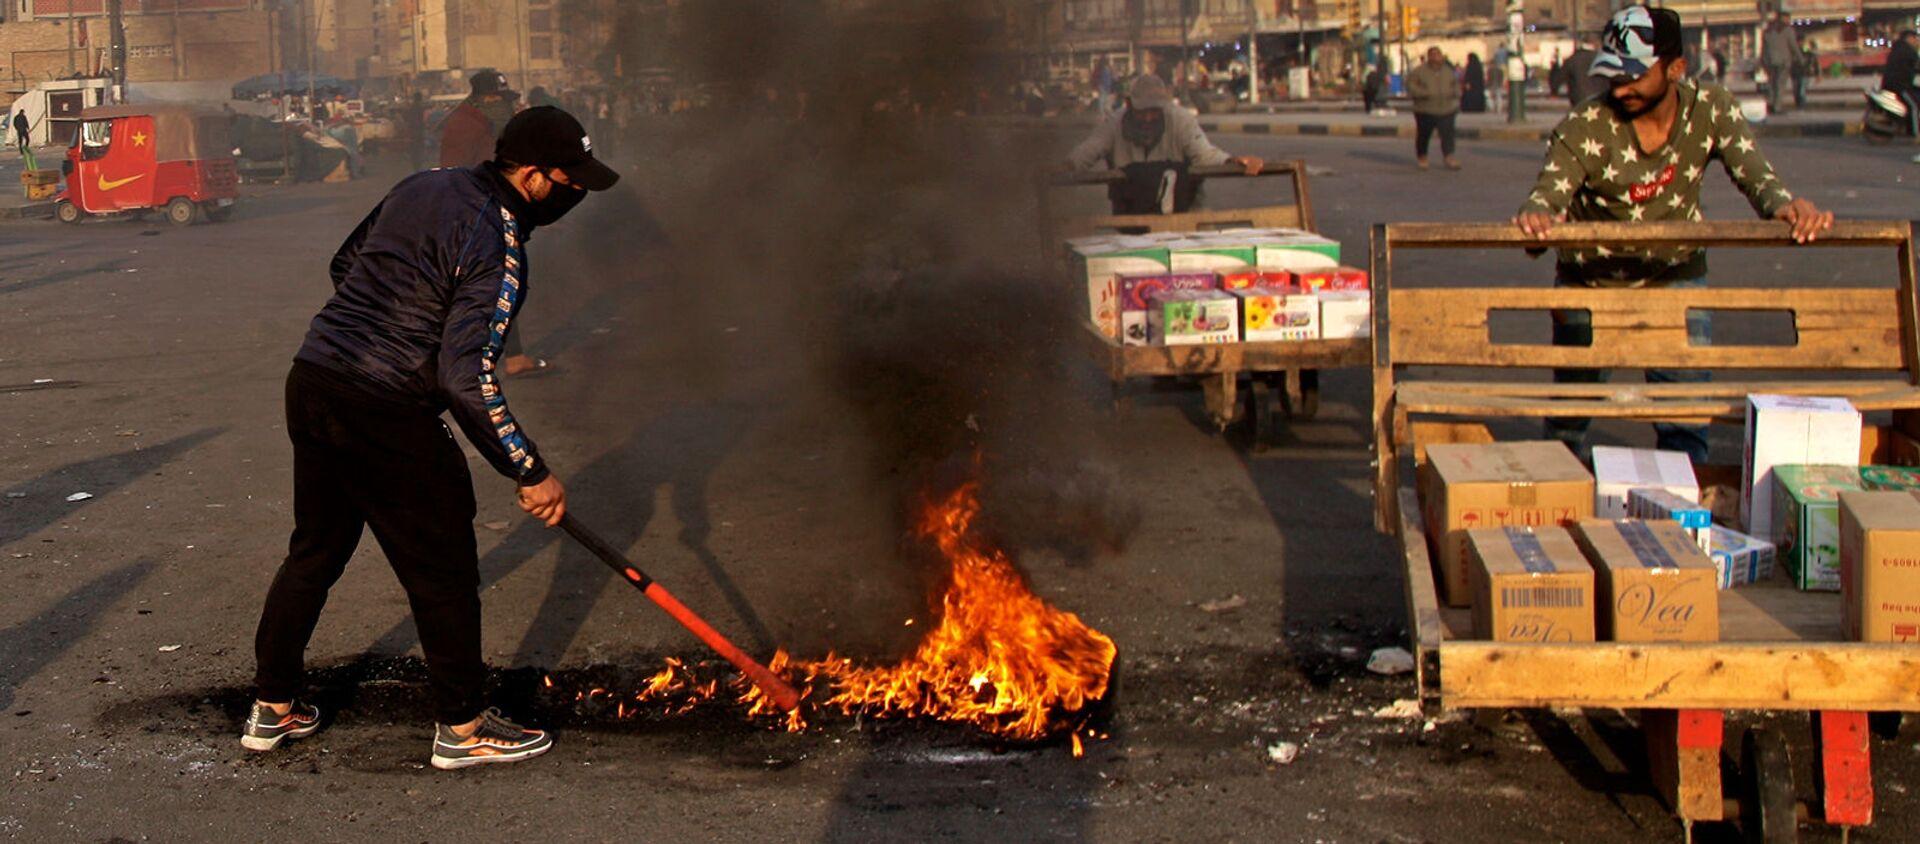 Протестующие устроили поджоги, чтобы закрыть улицы возле площади Тахрир во время демонстрации протеста против иранского ракетного удара (8 января 2020). Багдад - Sputnik Армения, 1920, 22.07.2021